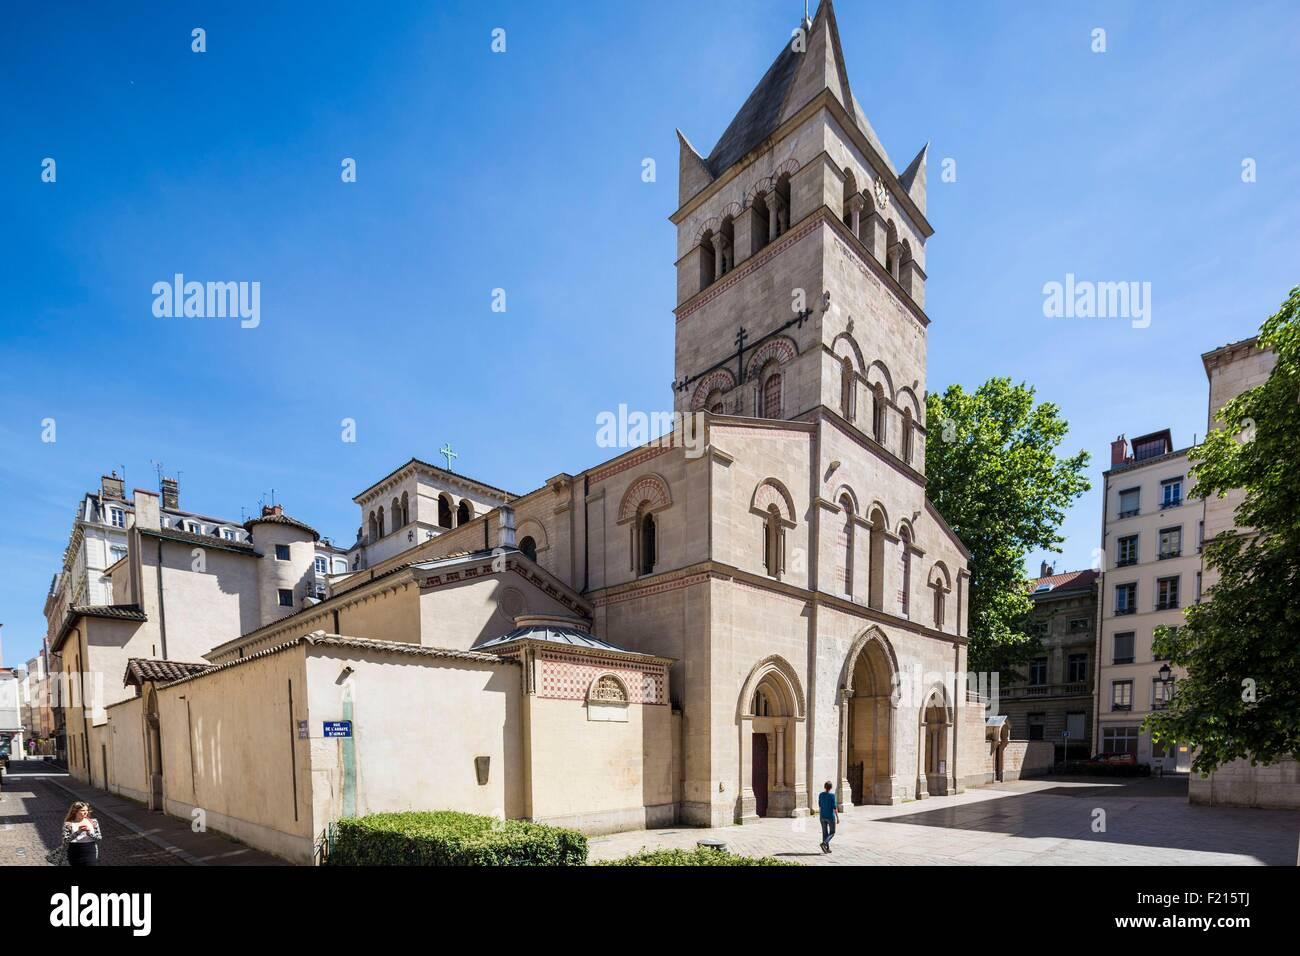 Francia rhone lione sito storico st martin d 39 ainay for Sito storico